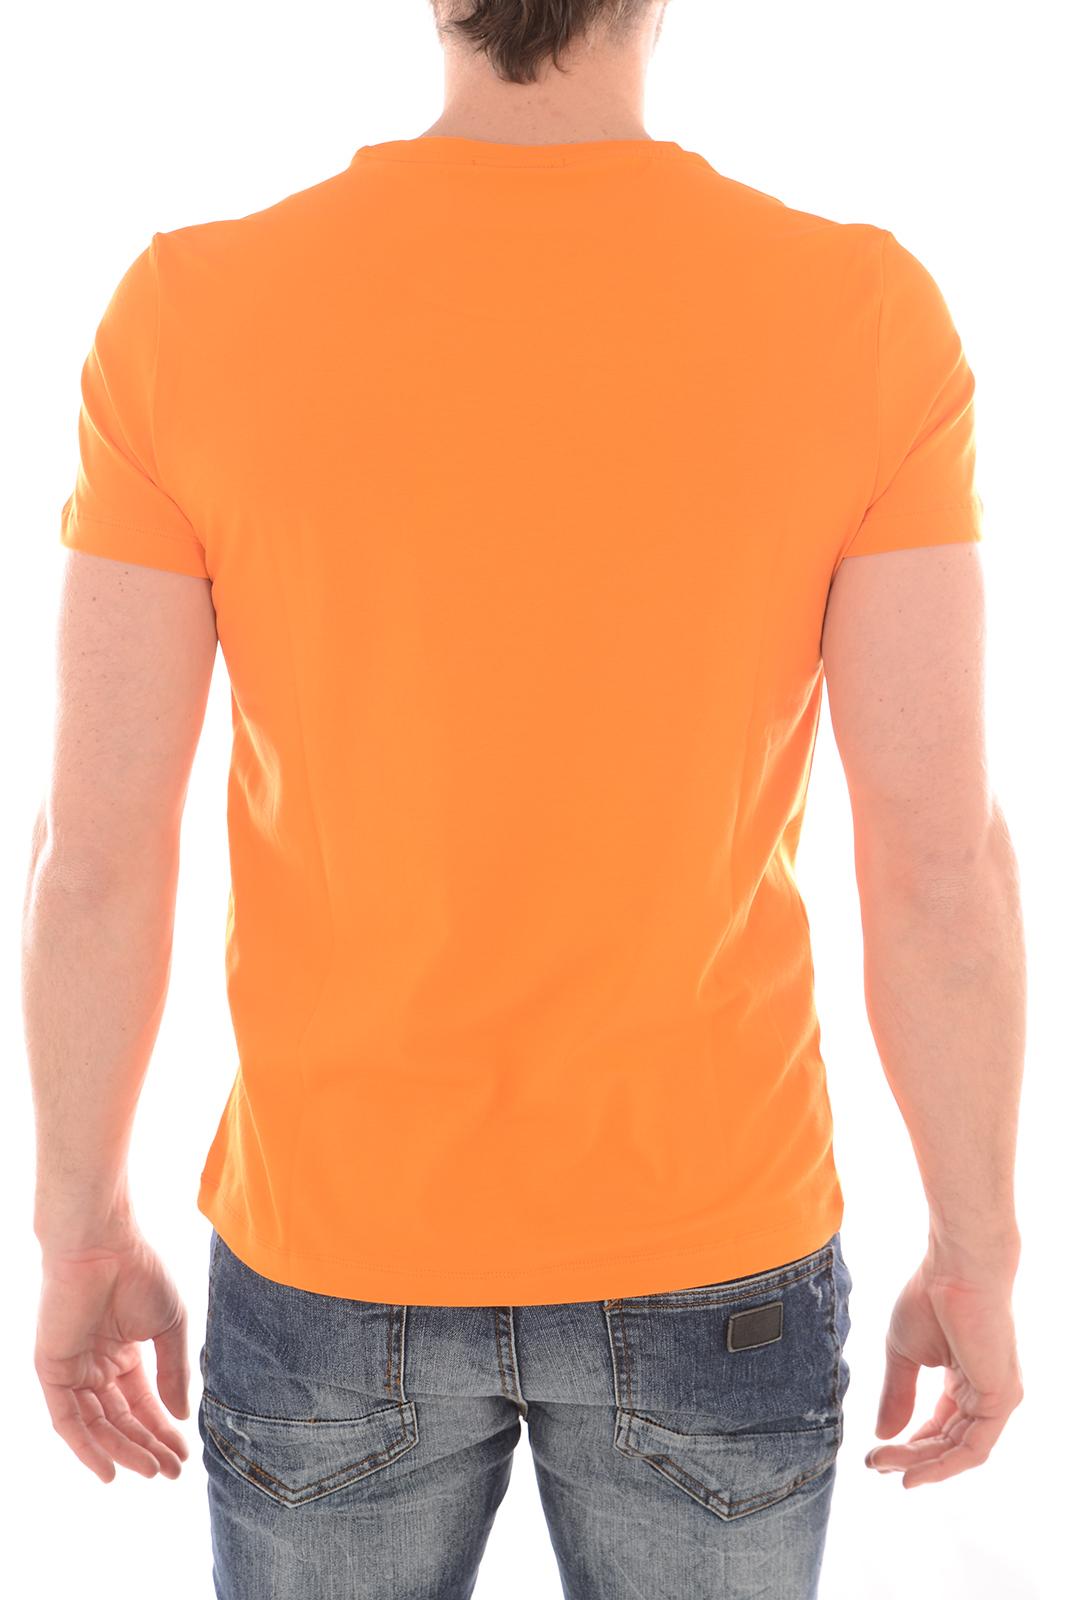 Tee-shirts manches courtes  Redskins WASABI CALDER H16 ORANGE